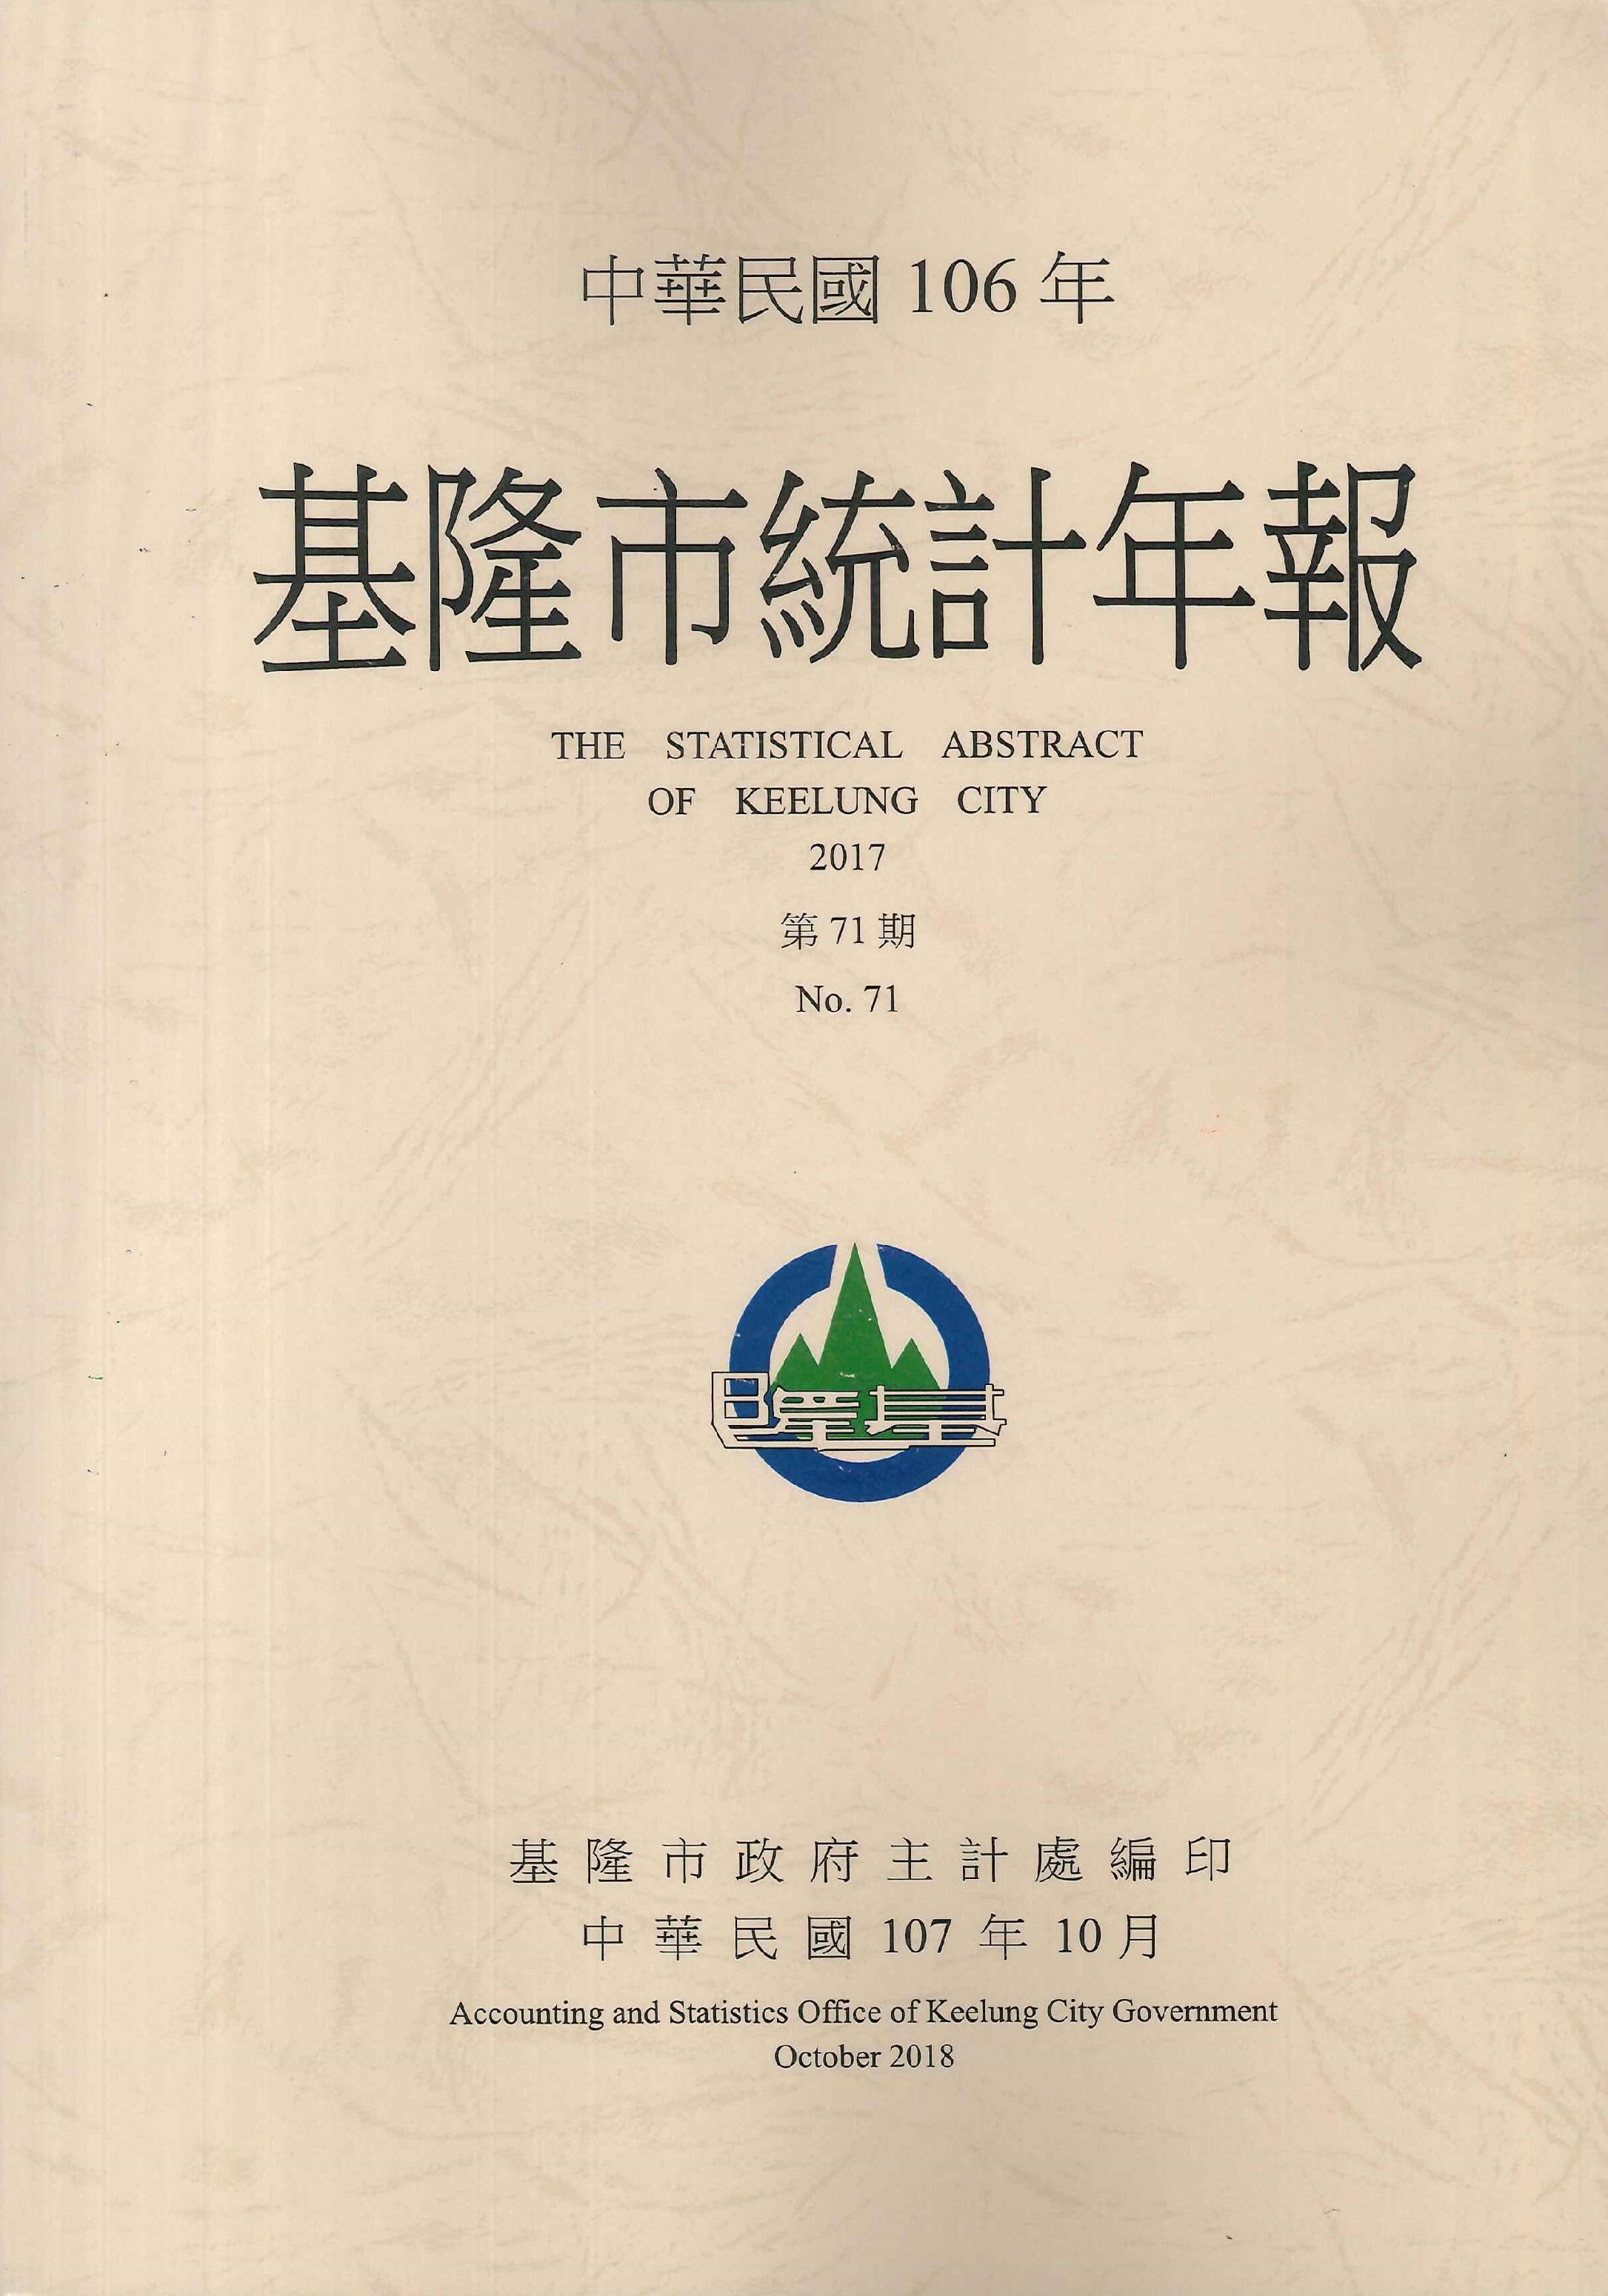 基隆市統計年報.中華民國106年=The statistical abstract of Keelung City